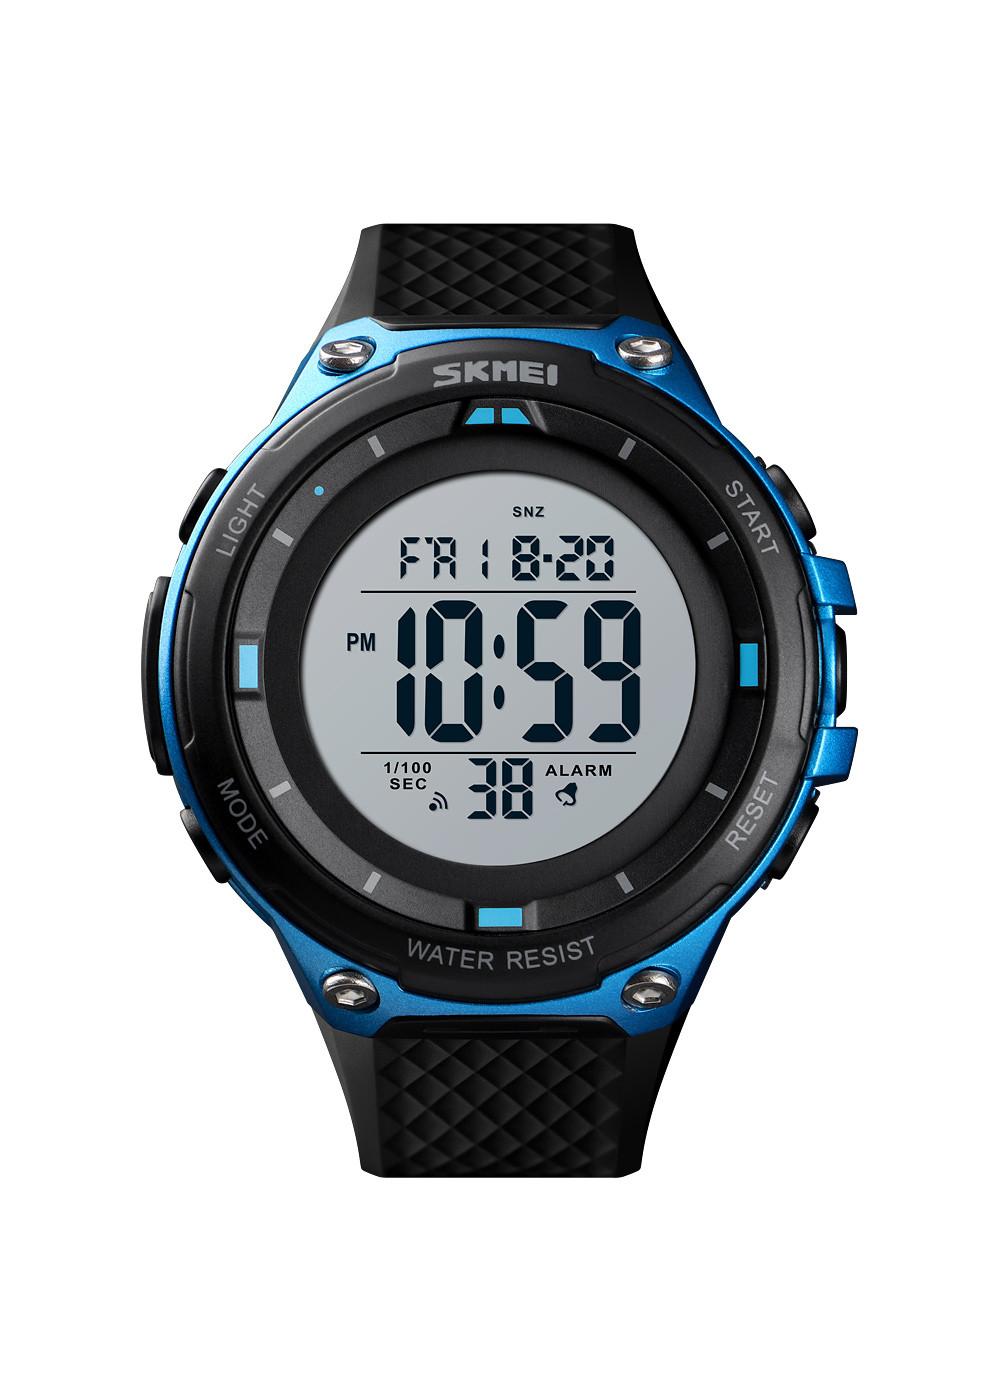 Đồng hồ đeo tay Skmei - 1441BU-Hàng Chính Hãng